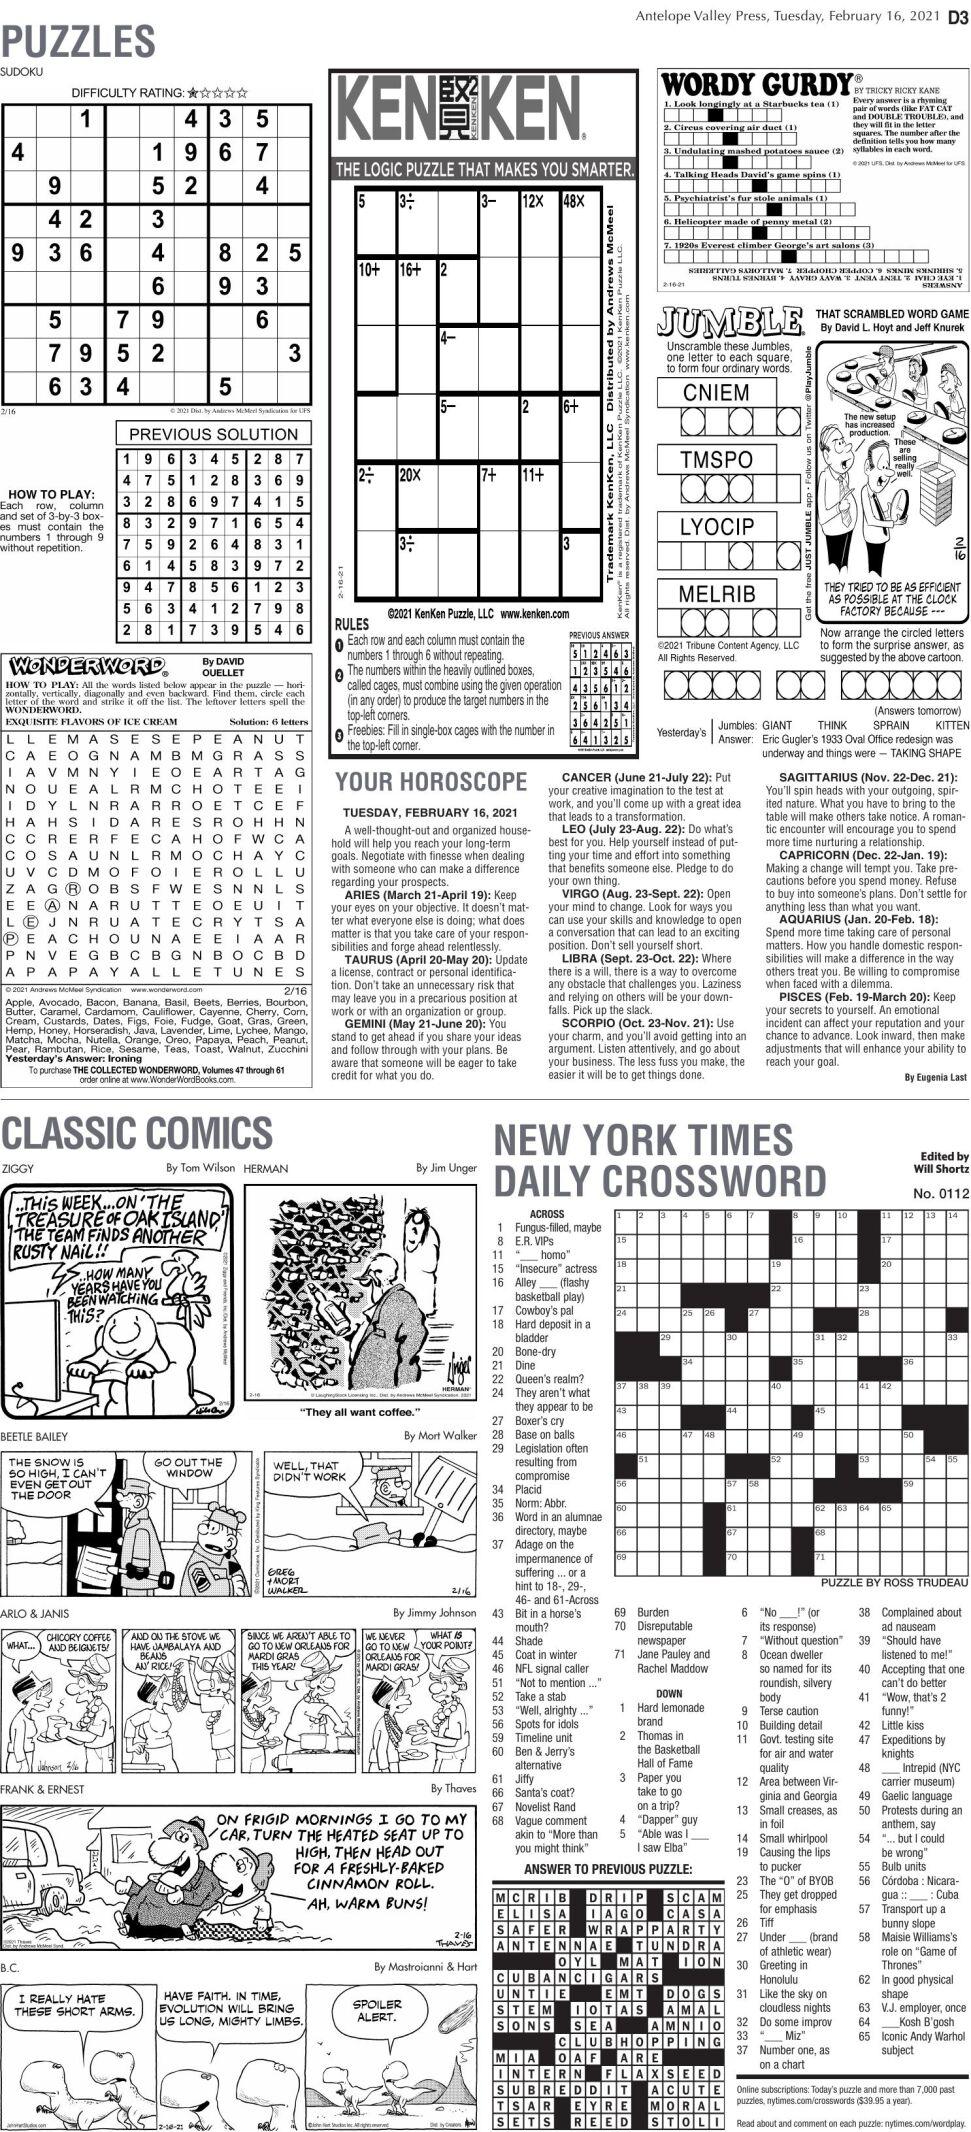 Puzzles, Feb. 16, 2021